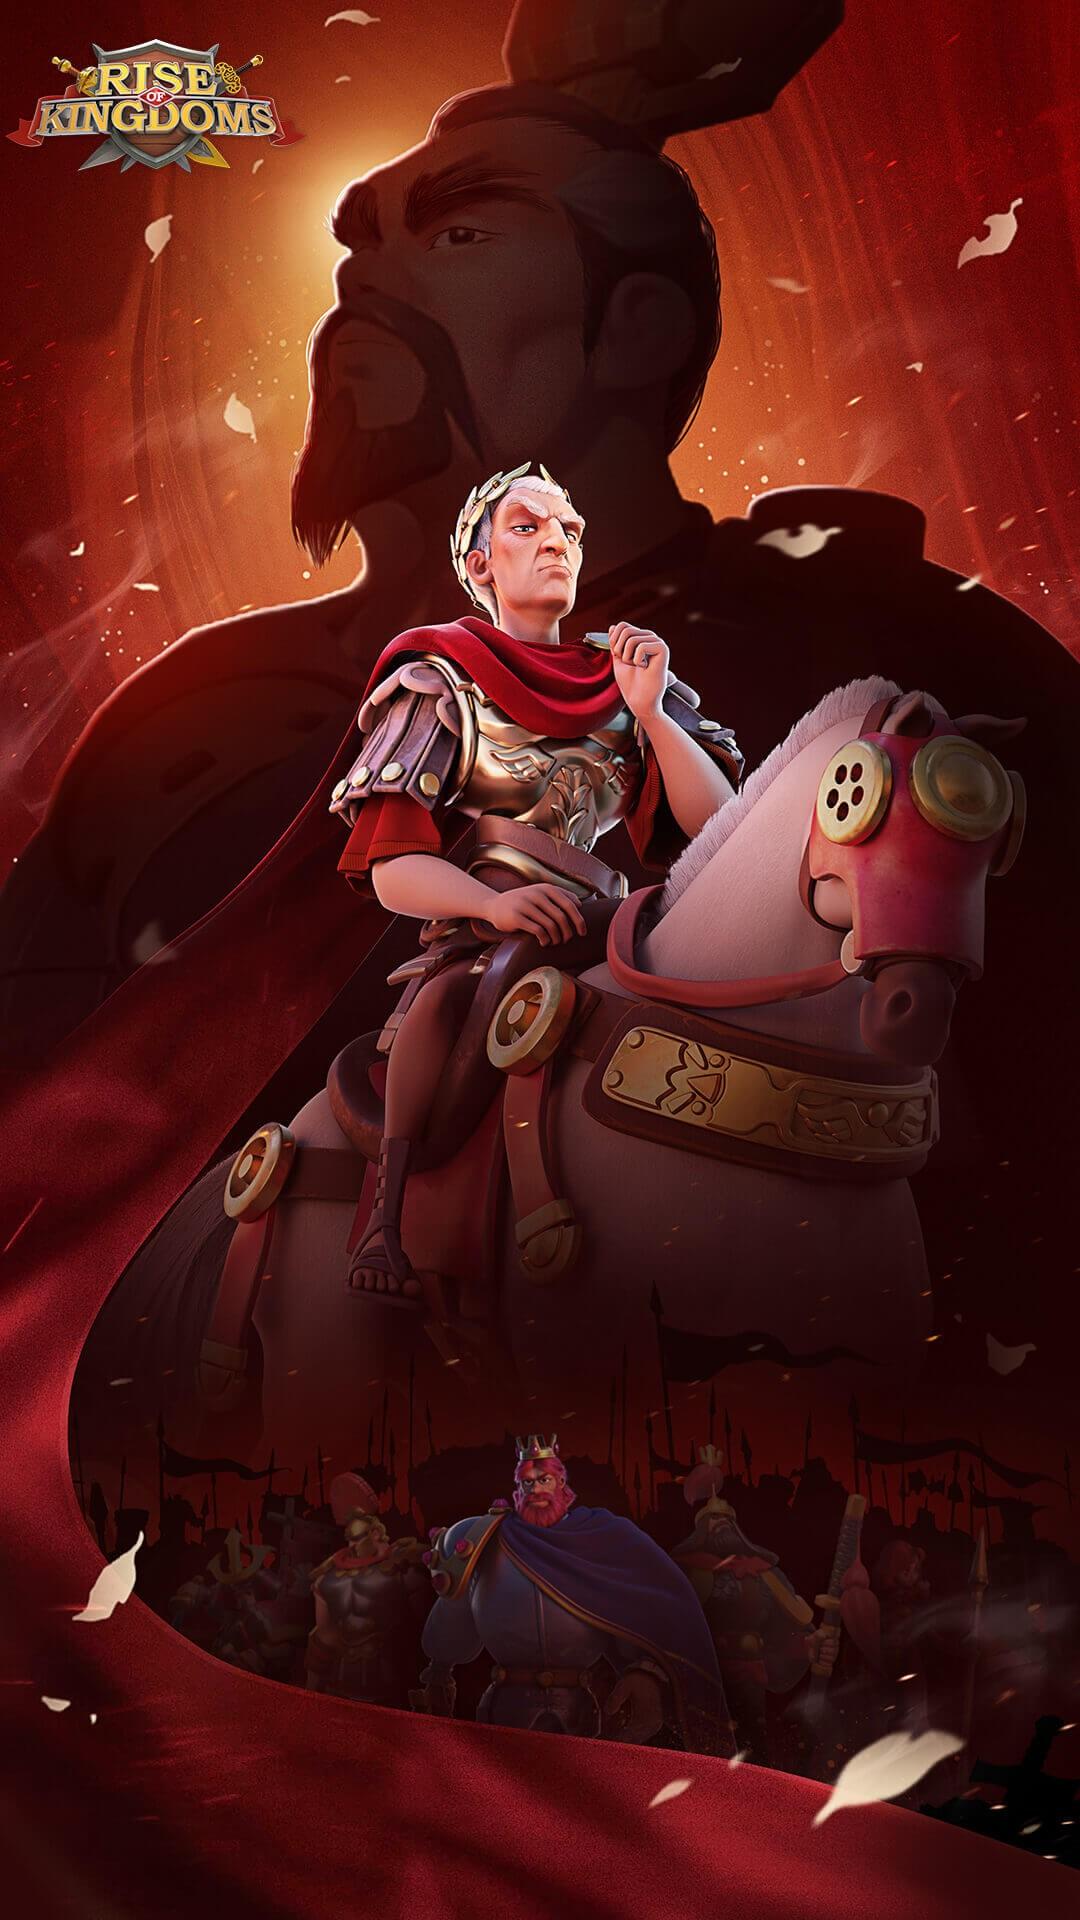 Rise of Kingdoms Wallpaper Caesar